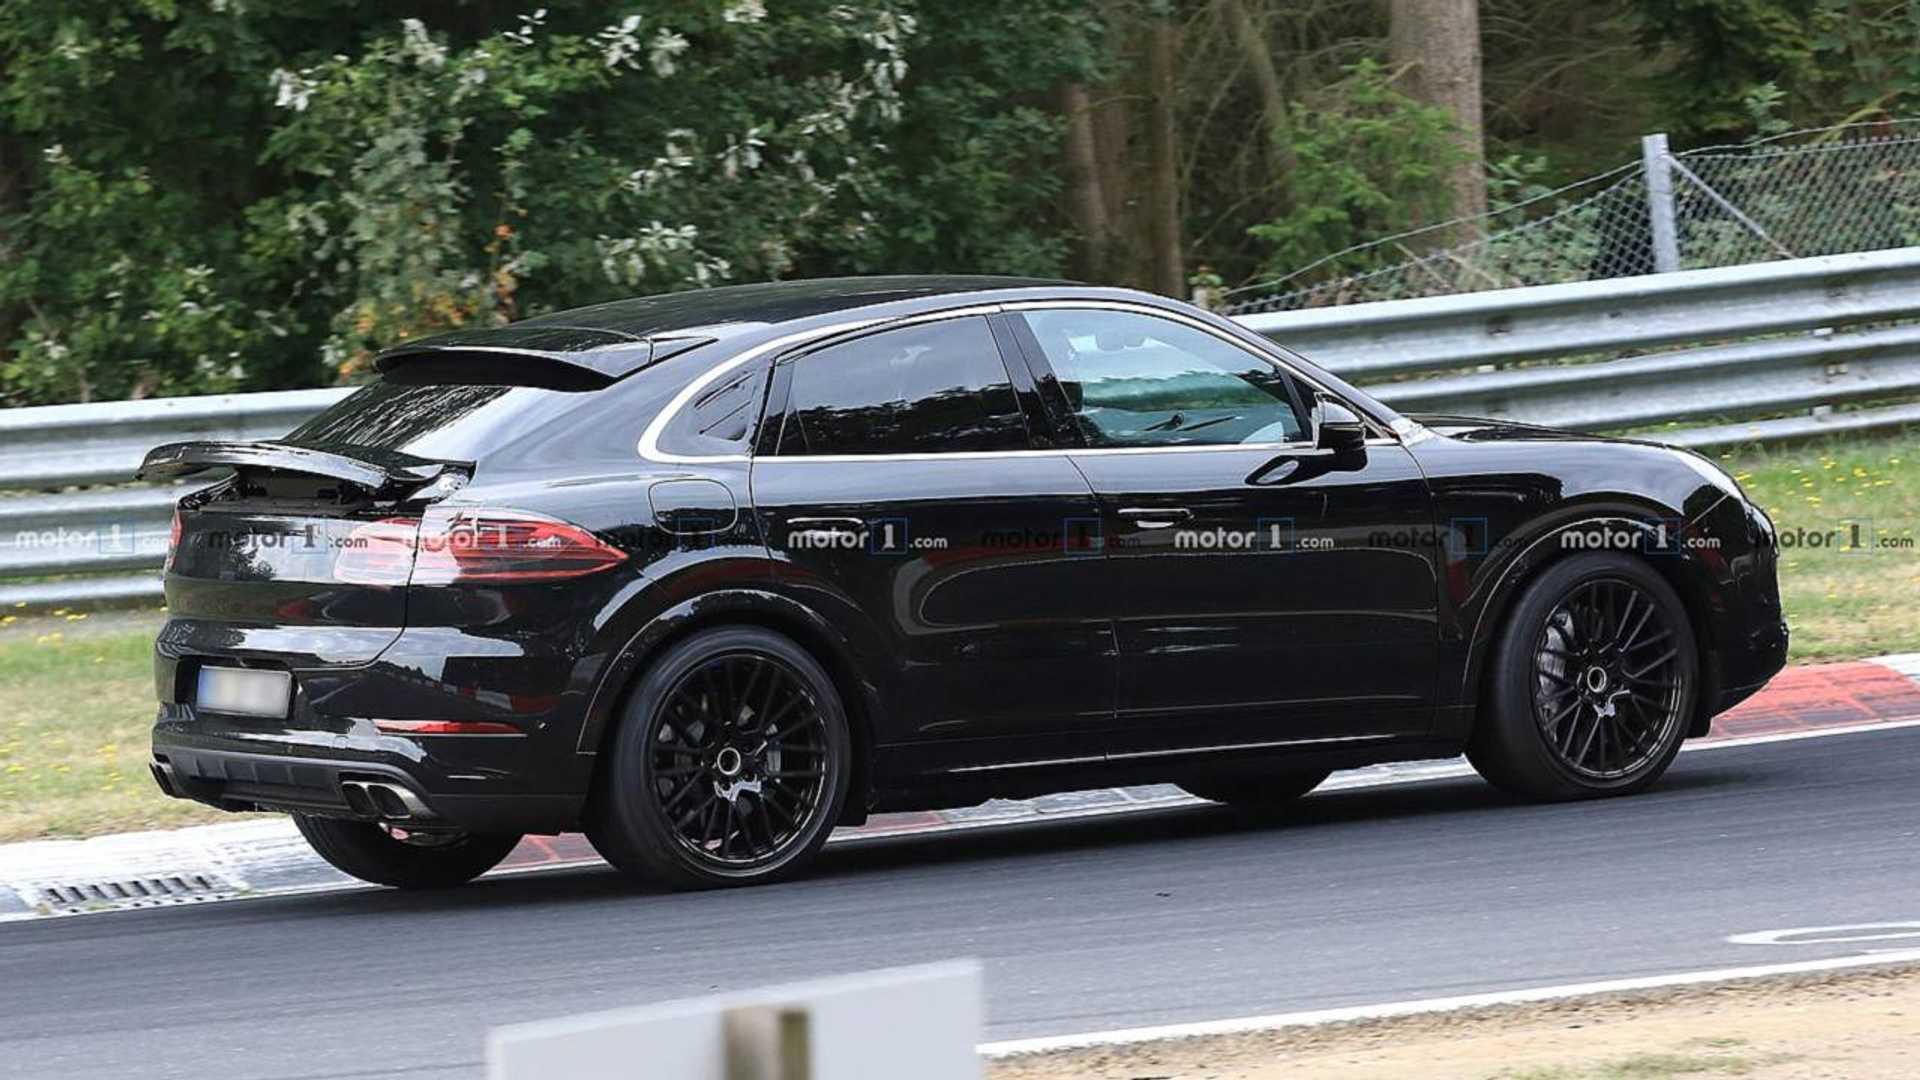 2019 [Porsche] Cayenne coupé - Page 4 Porsche-cayenne-coupe-spy-shots